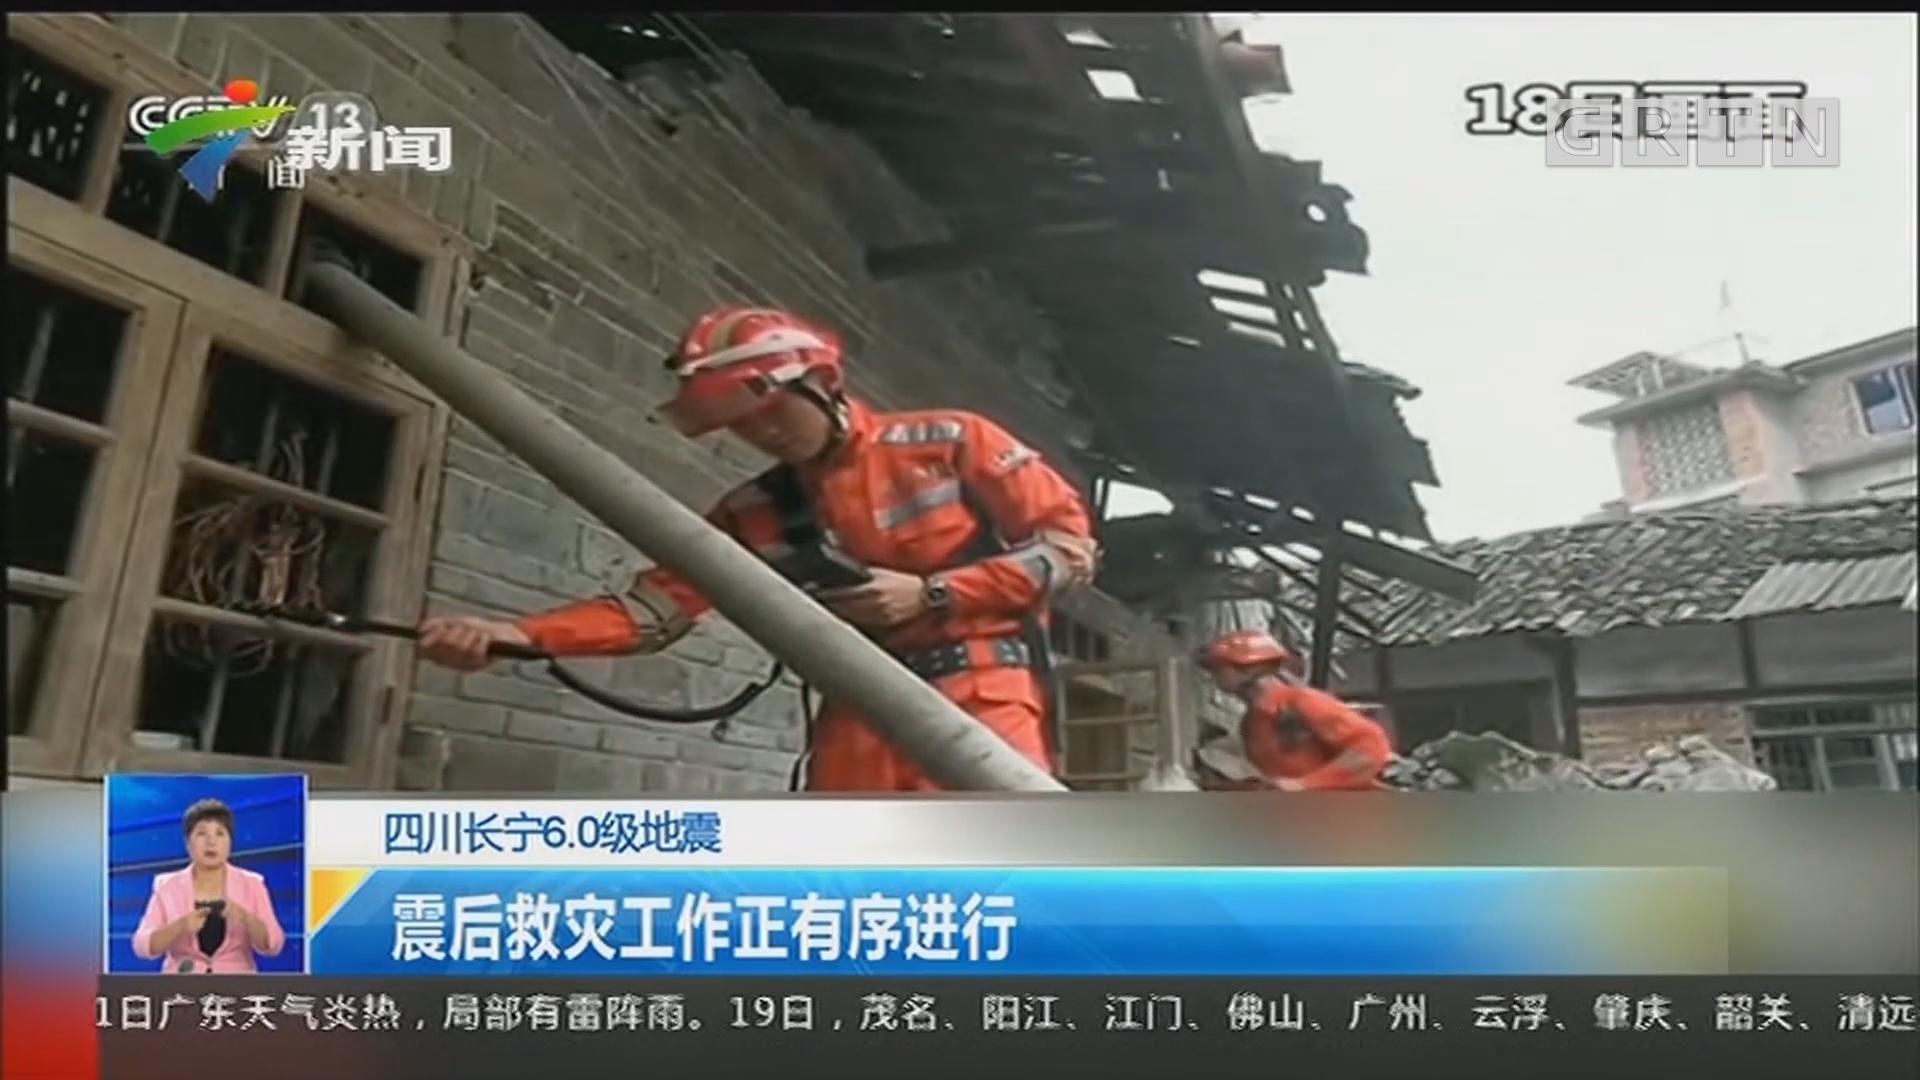 四川长宁6.0级地震:震后救灾工作正有序进行